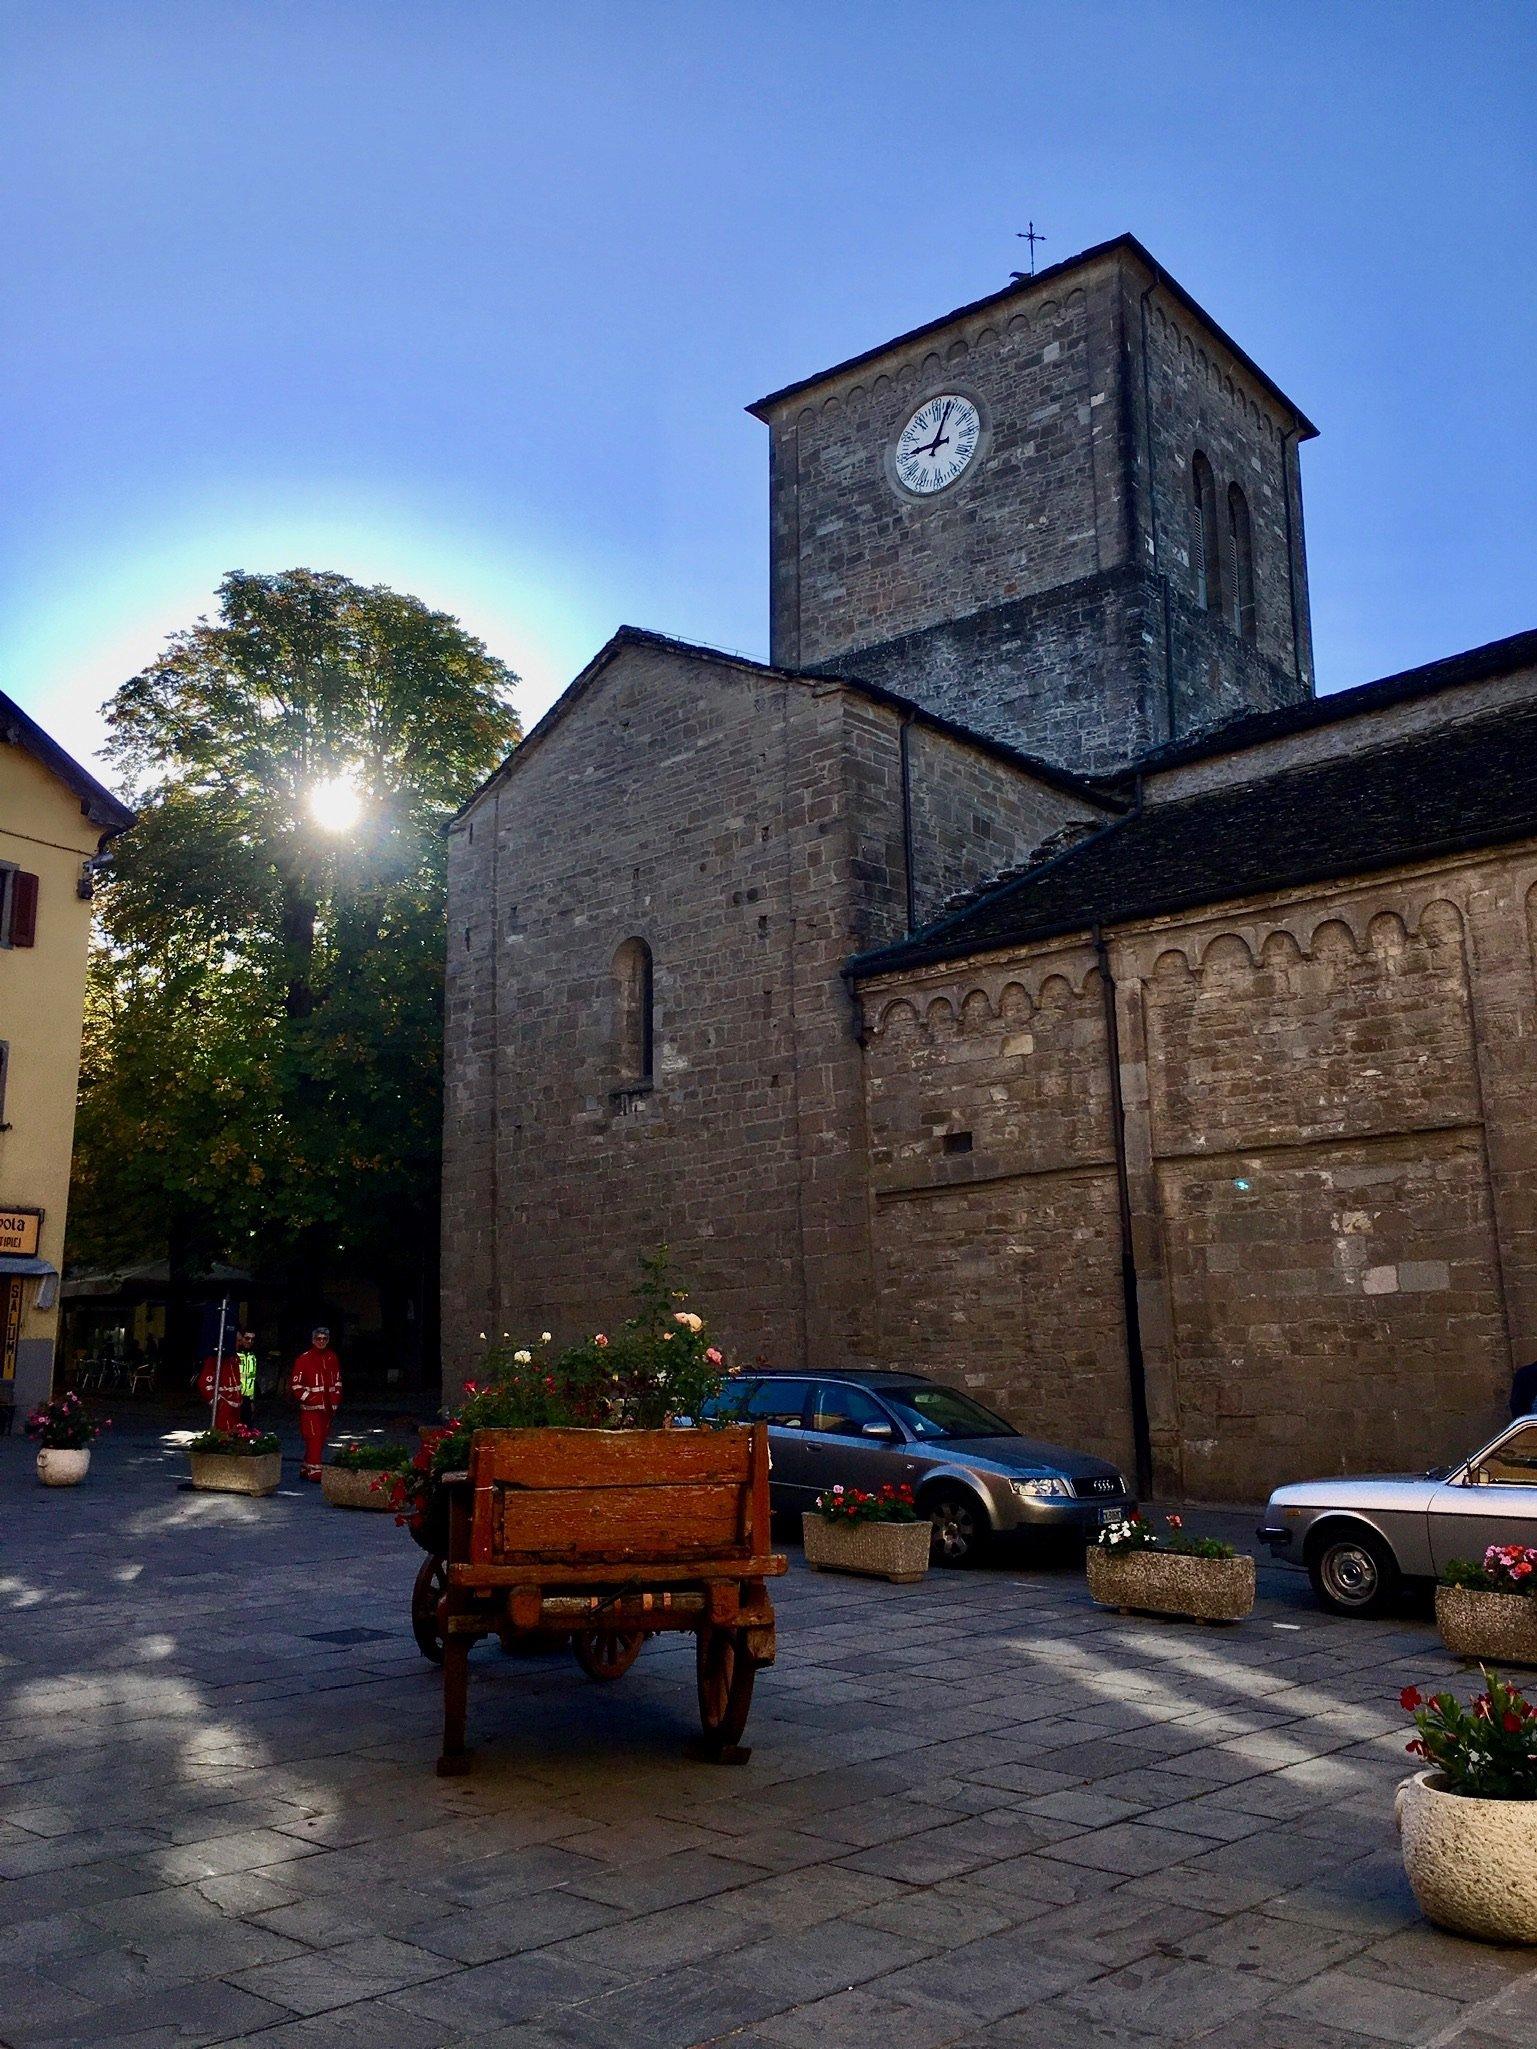 Berceto in der Emilia Romagna